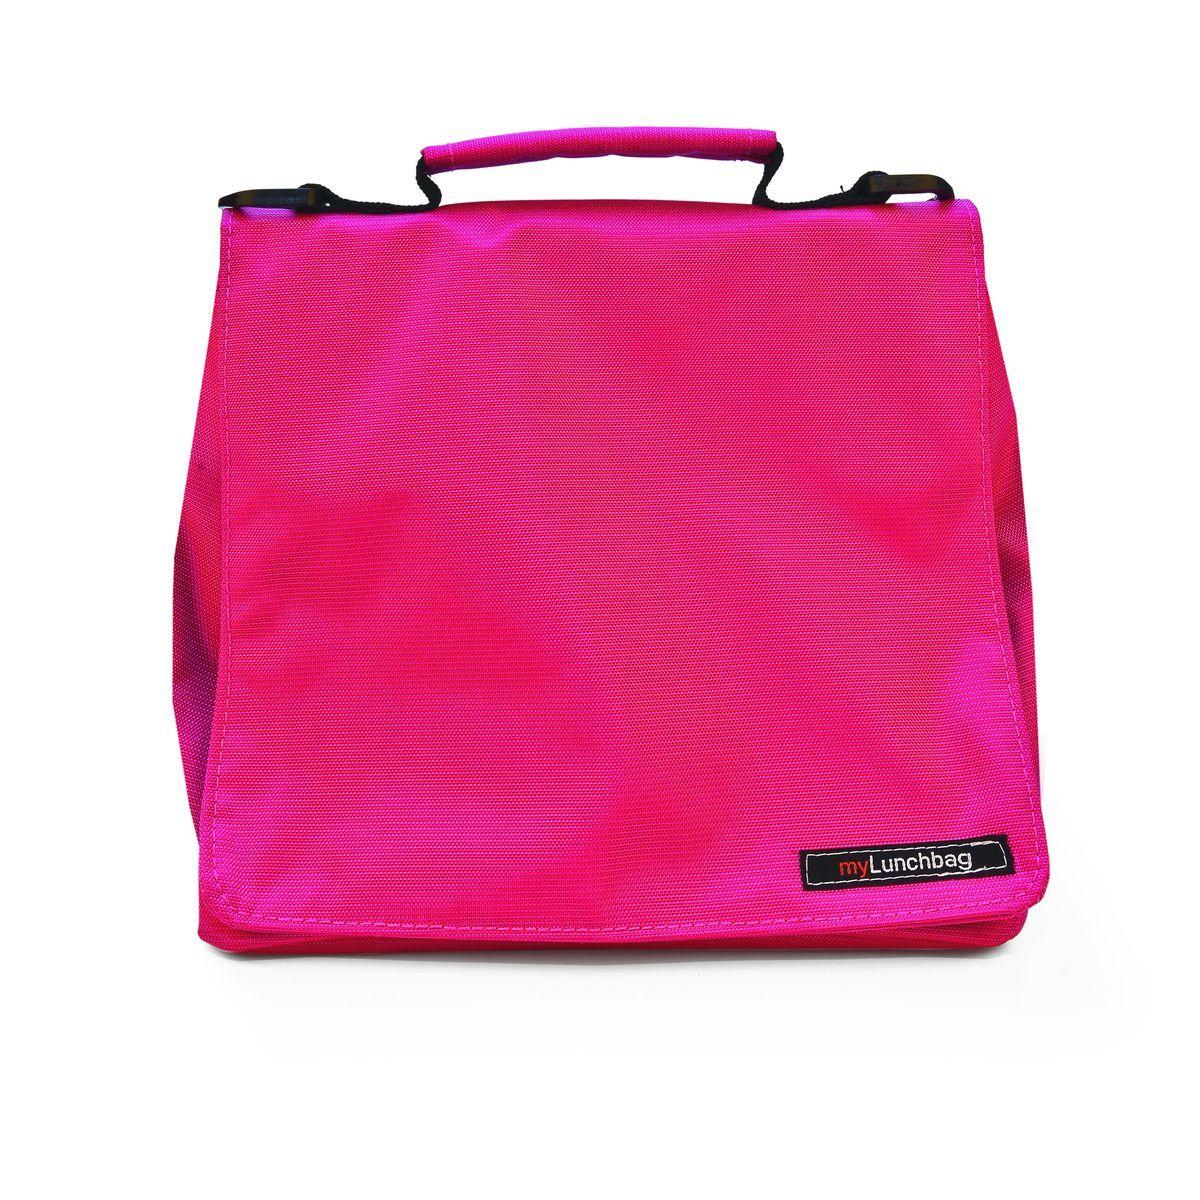 Термоланчбокс Iris SMART MyLunchbag, цвет: розовыйI9326-TXТермоланчбокс Iris SMART MyLunchbag отлично сохраняет свежесть и вкус продукта на несколько часов. Пригодится везде: на прогулке, на работе, учебе. С ним легко справится даже ребенок! Легко складывается до небольших размеров. Присутствует удобный кармашек для аксессуаров и регулируемый ремень для переноски (в одной руке или на плече).Рекомендуется регулярно стирать вручную в теплой воде с мылом.Сделан из полиэстера.